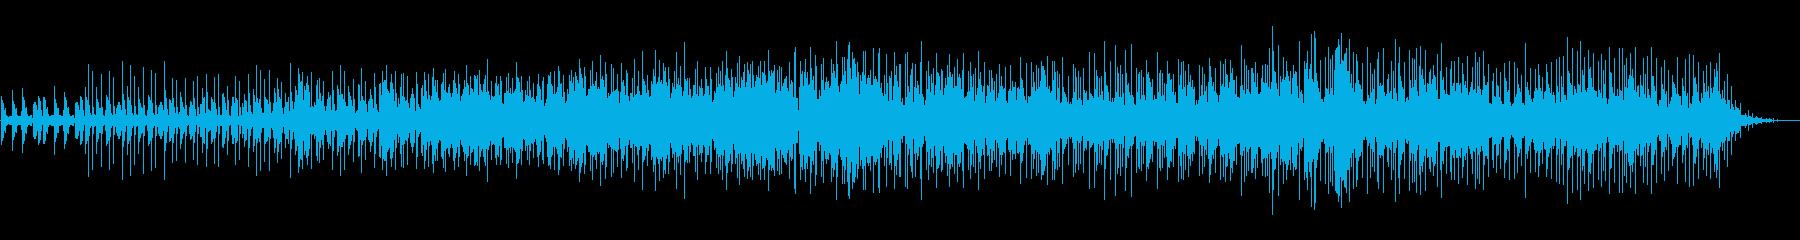 マシンドラムと哀愁あるブルージーなギターの再生済みの波形